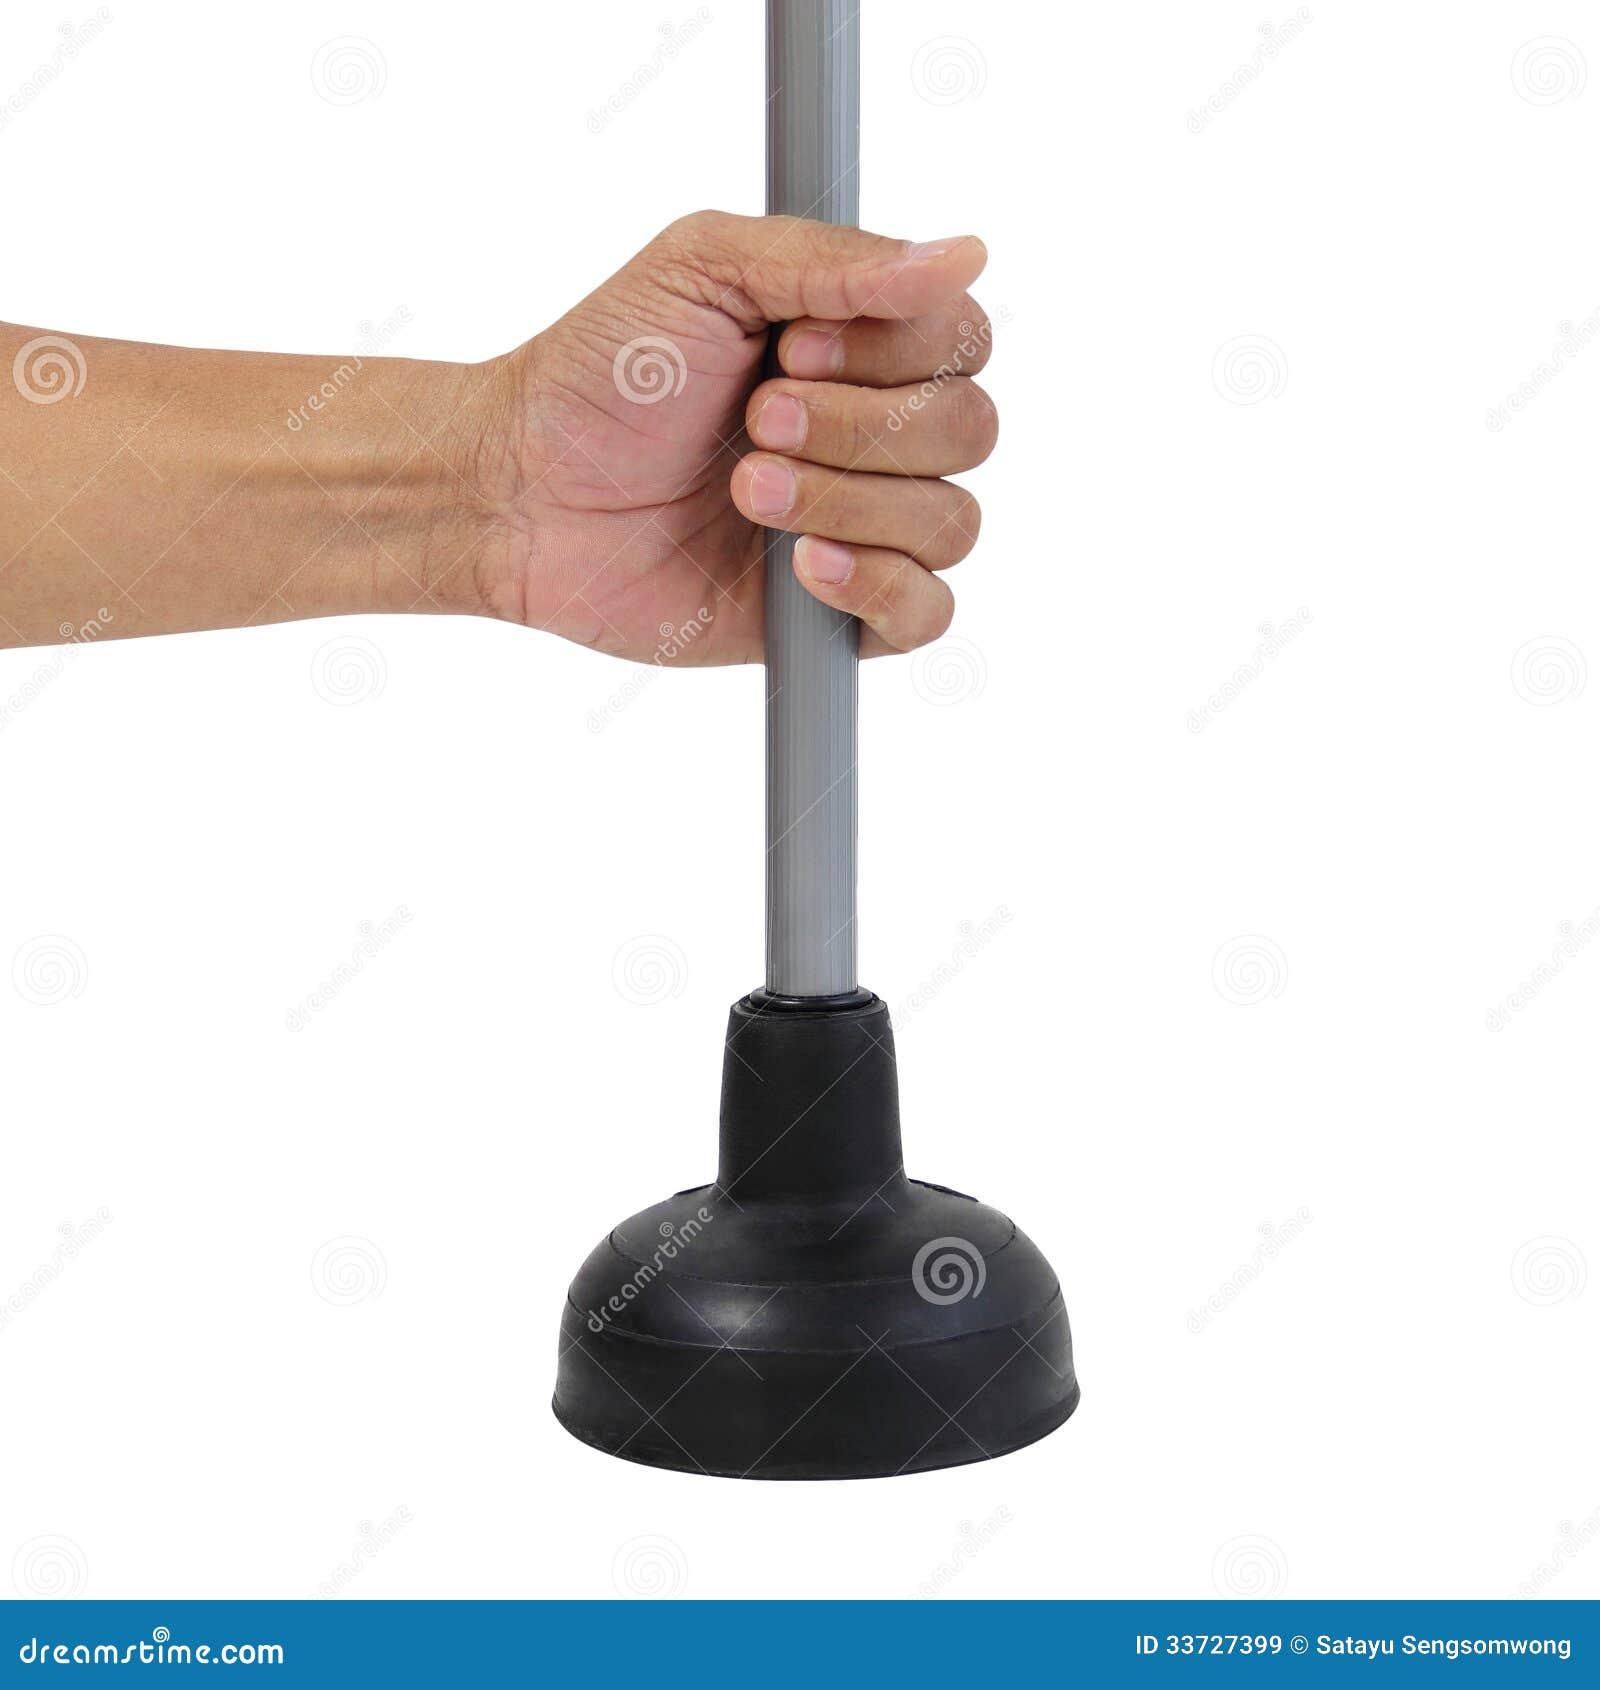 Giudicando tuffatore di gomma nero per la pompa di toilette isolato